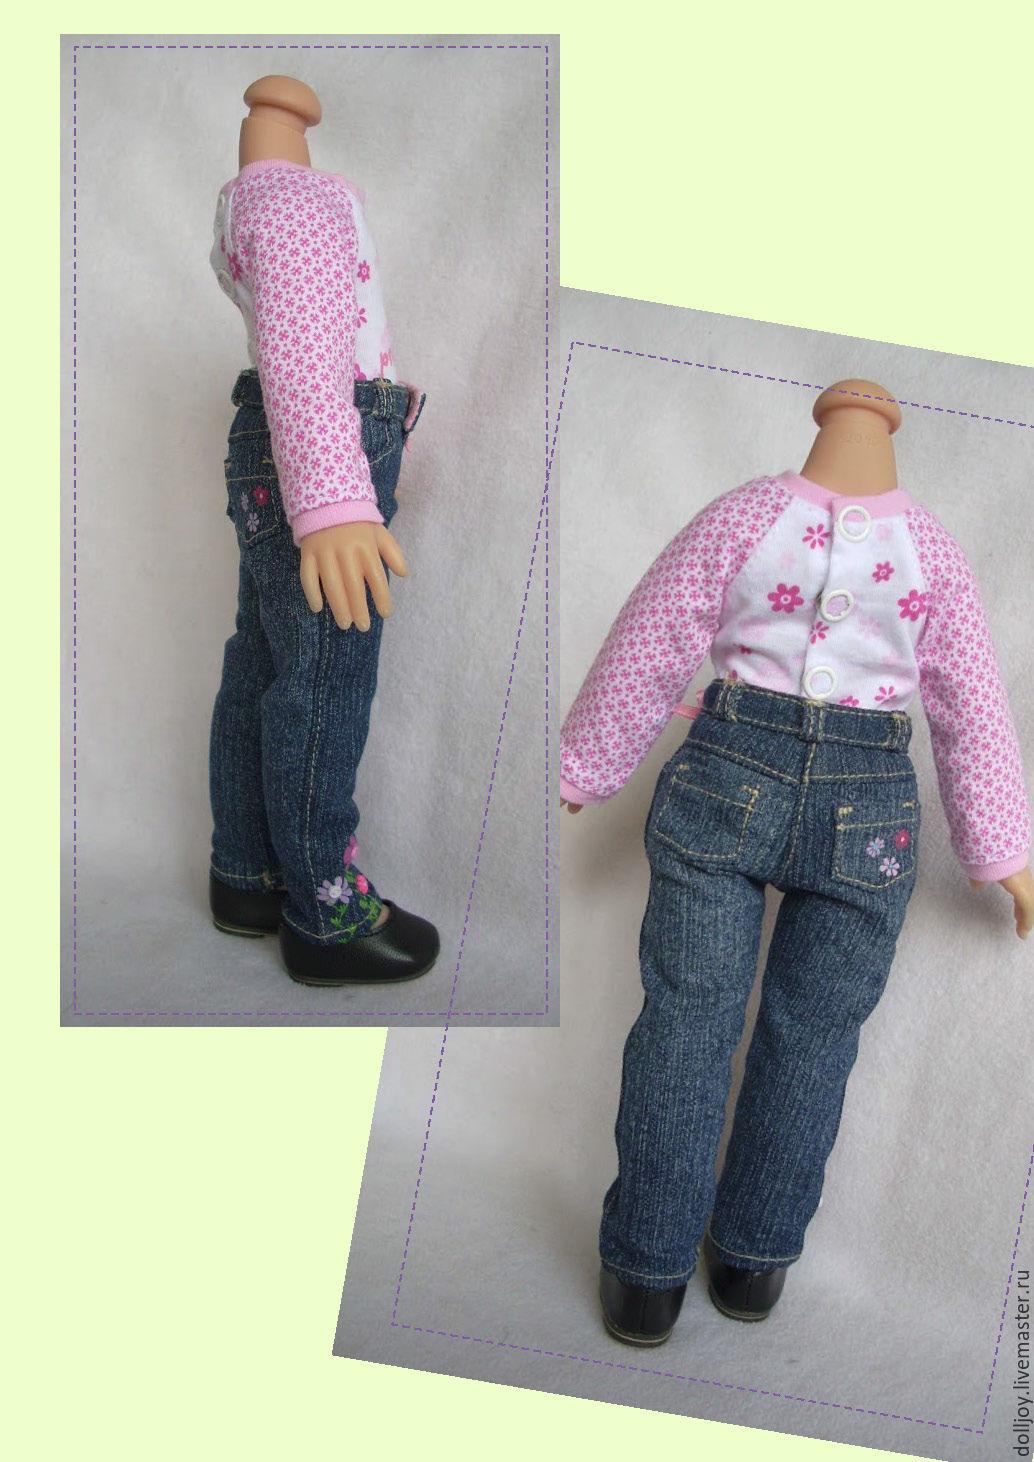 Как сшить штанишки для куклы. Часть 1: публикации и мастер 23